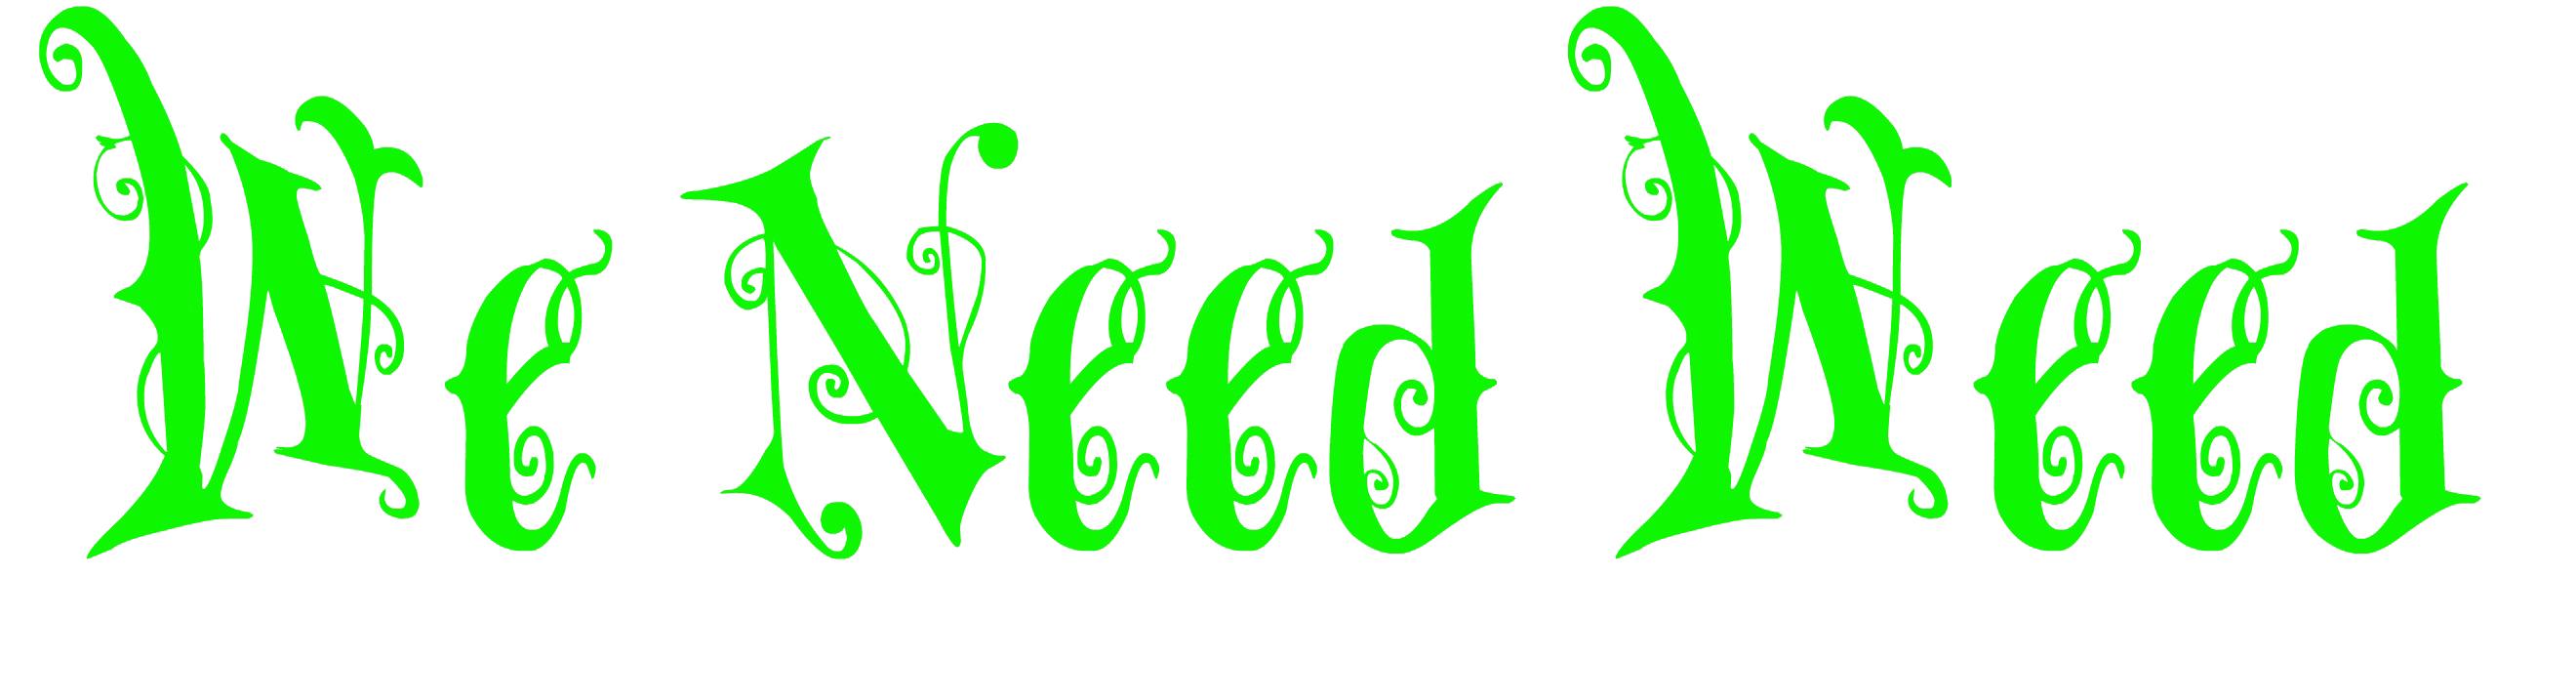 We Need Weed